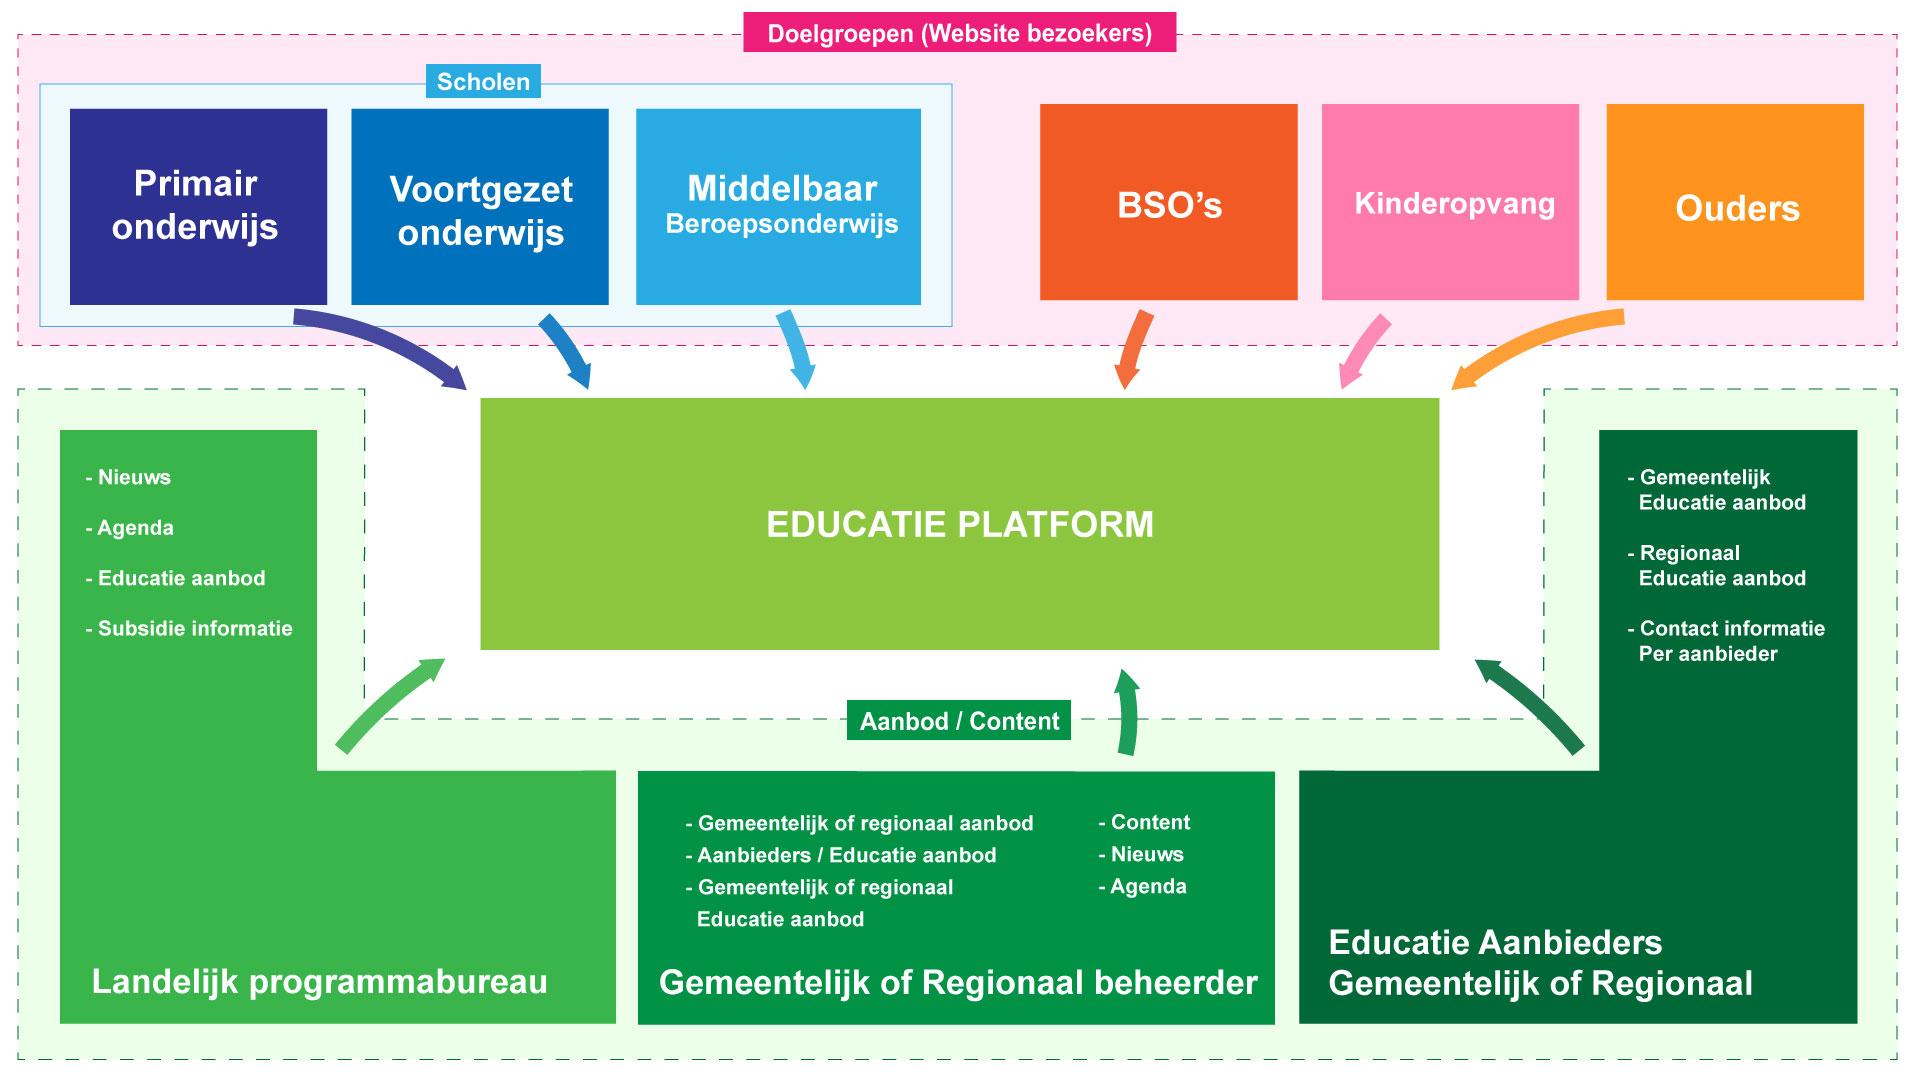 De shareholders van het educatie platform.